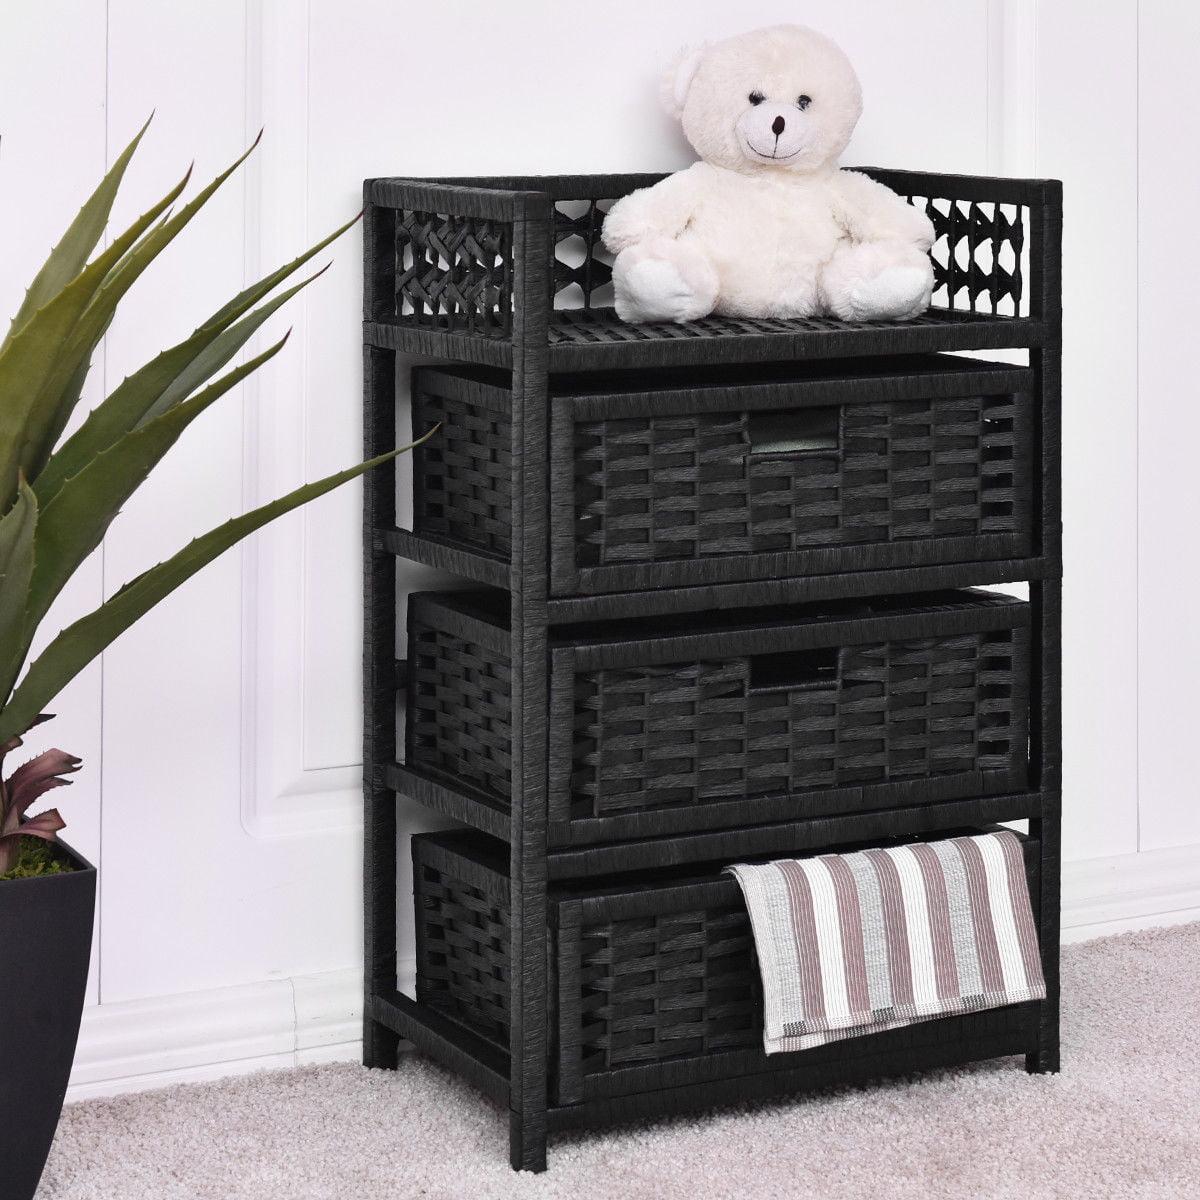 Gymax Storage Chest Tower Shelf 3 Drawer Wicker Baskets Storage Unit Black by Gymax